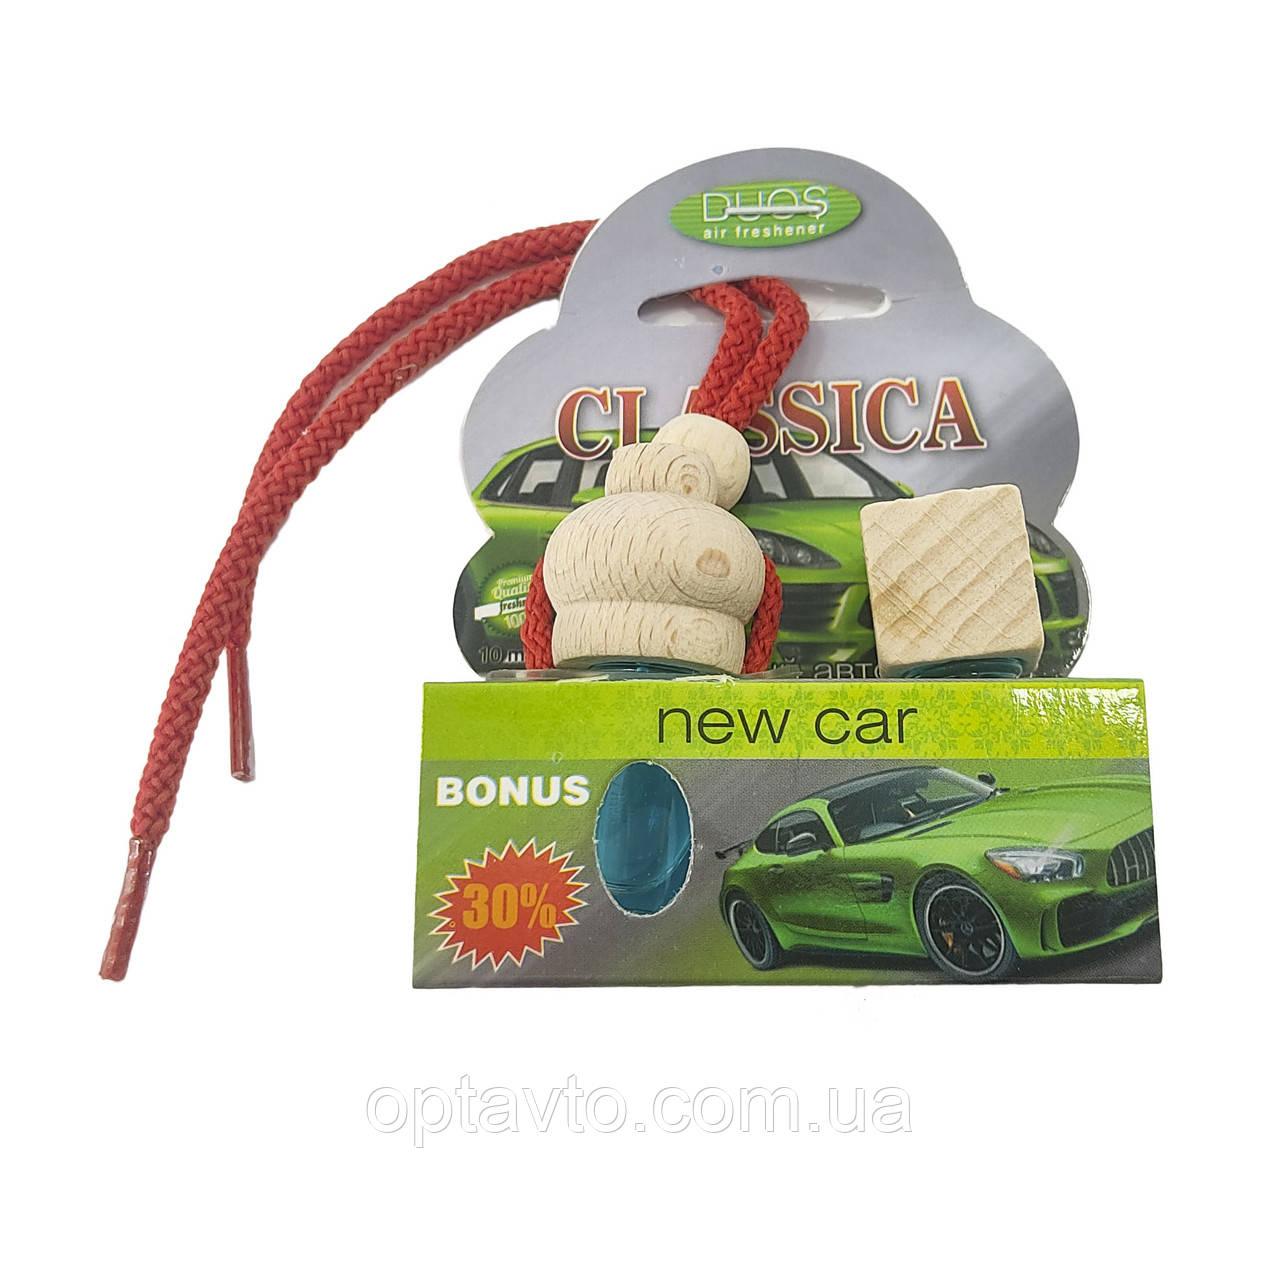 Ароматизаторы в машину бутылочка + запаска в подарок!!! Fresco Premium. Аромат НОВАЯ МАШИНА